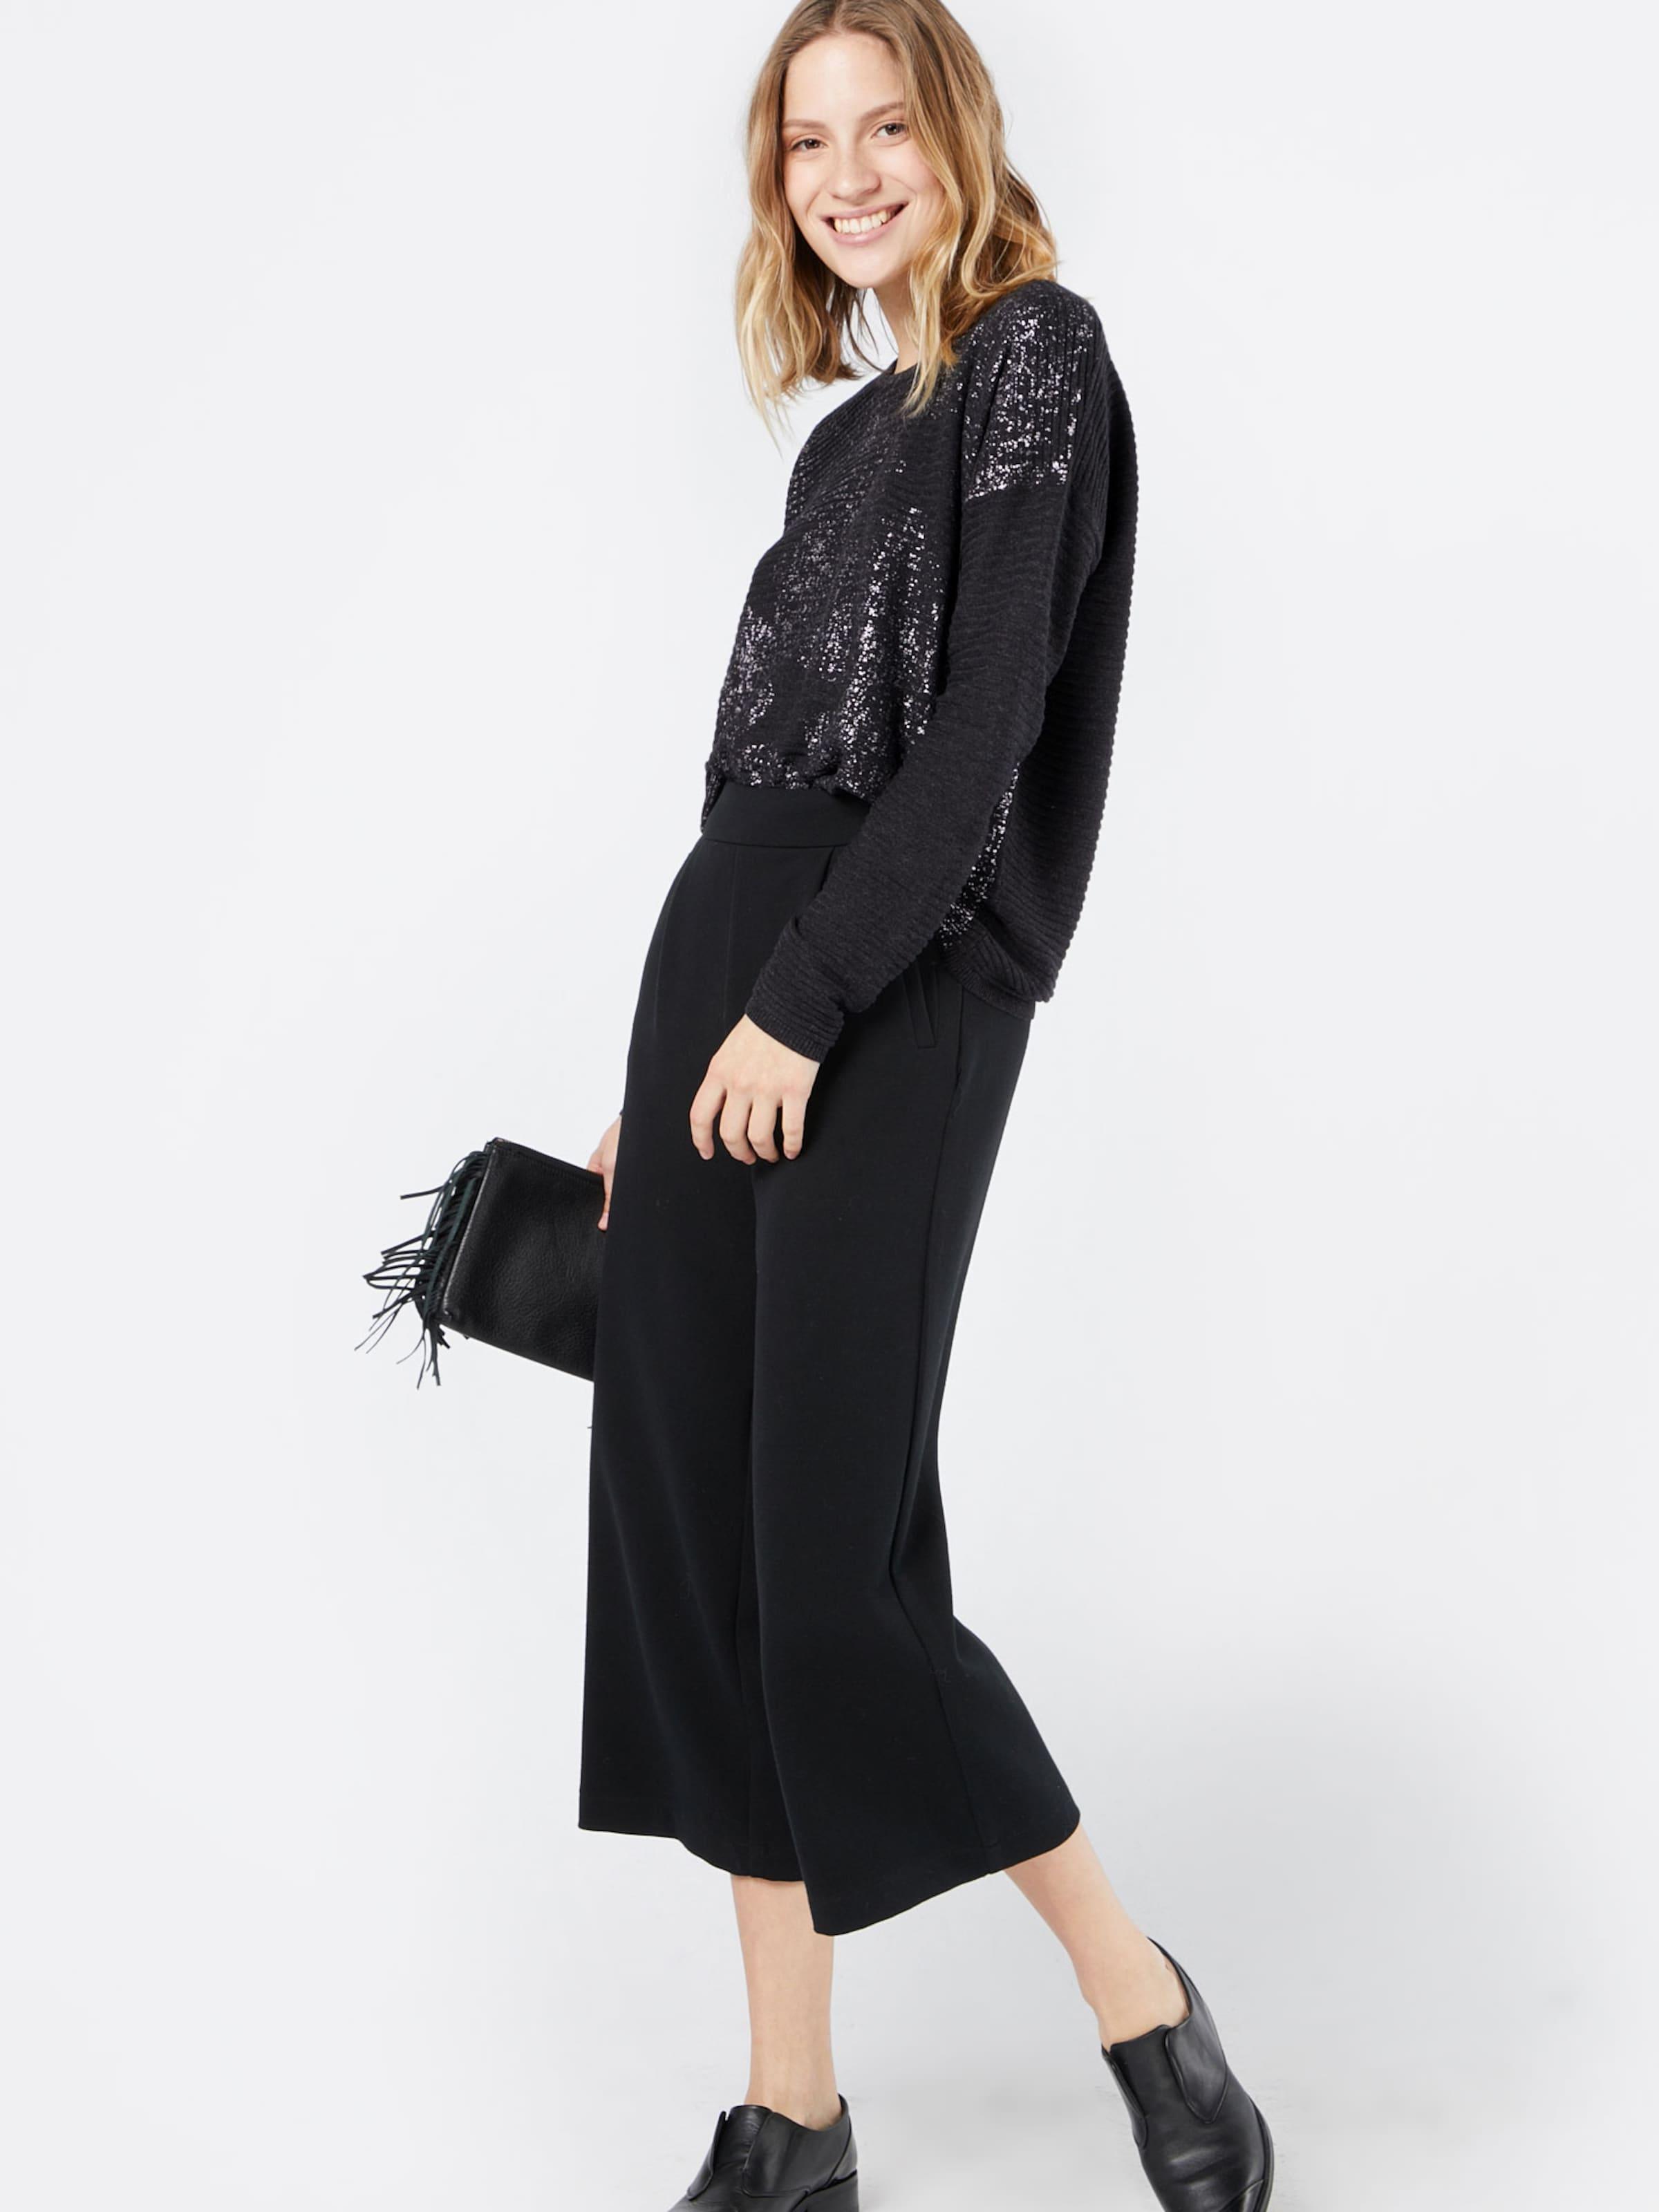 Qualität Frei Für Verkauf Online-Shopping Online-Verkauf Rich & Royal Pullover mit Schimmereffekten Spielraum Größte Lieferant Na4aX